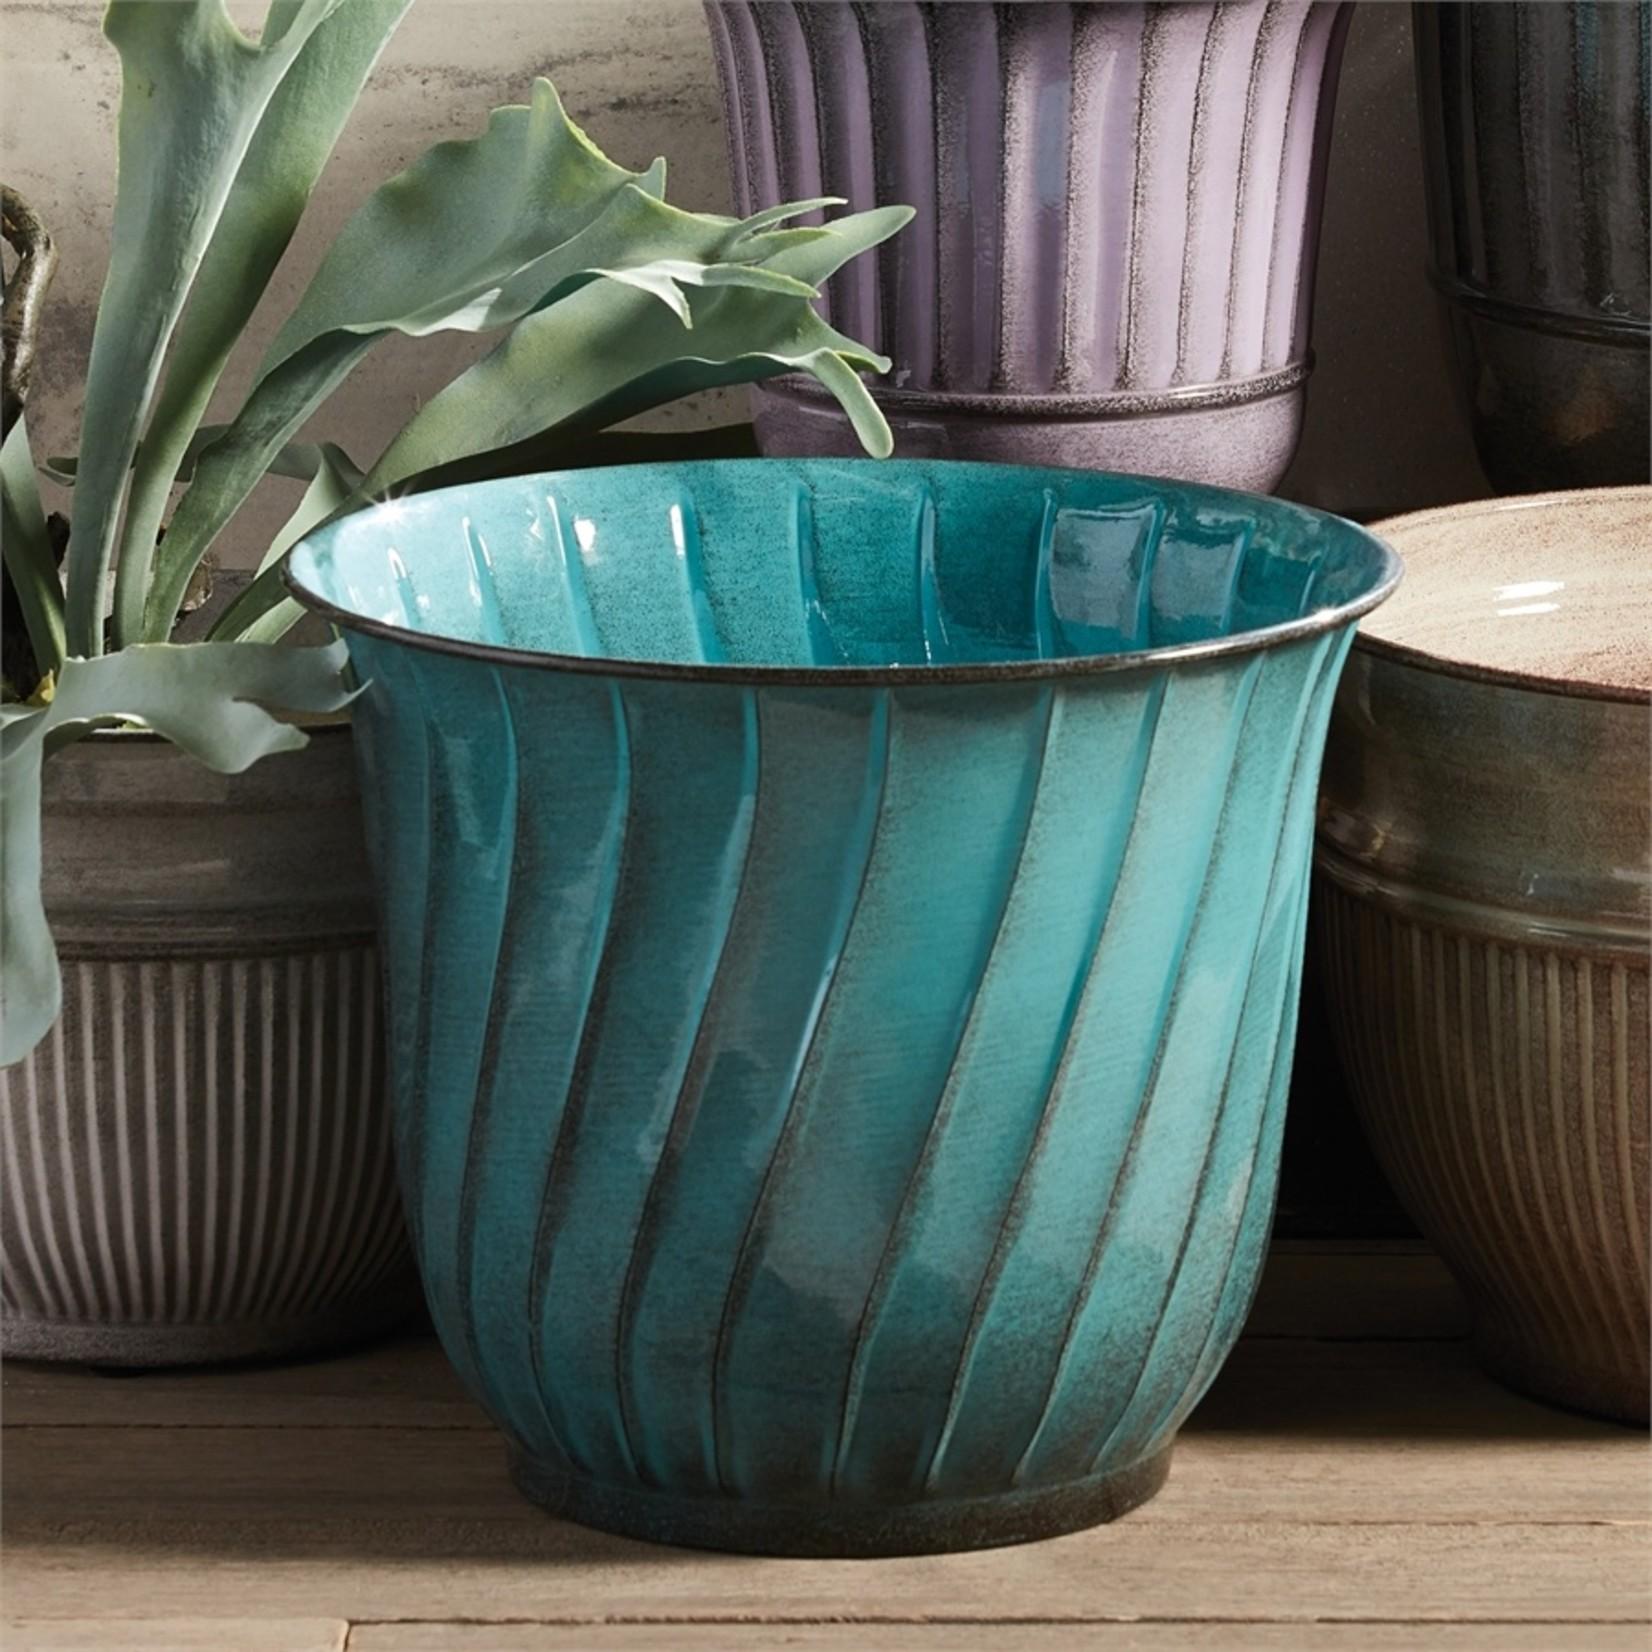 Napa Home and Garden Leilani Pots - Blue